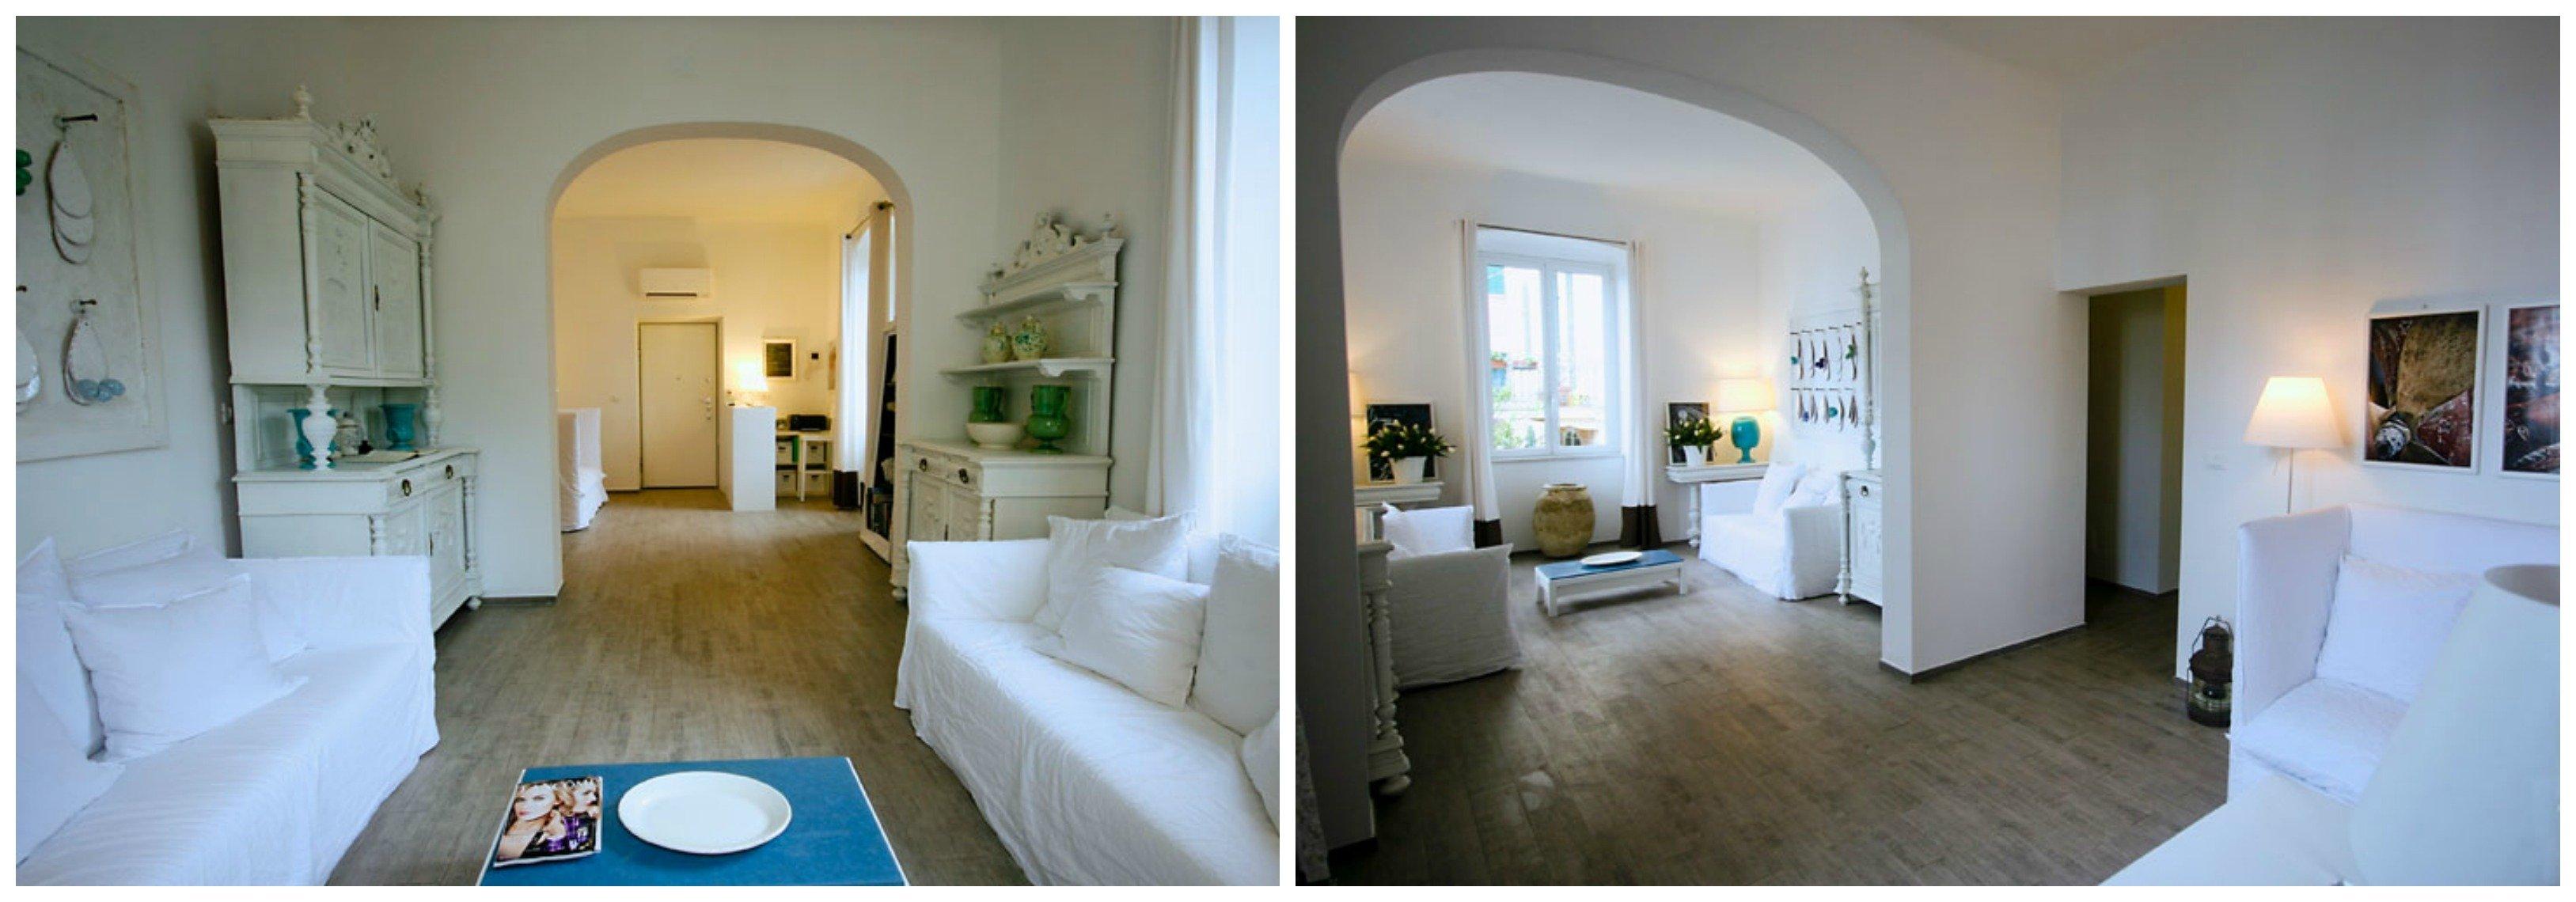 arco dentro casa moderno : Arco mediterraneo - A Casa di Ro